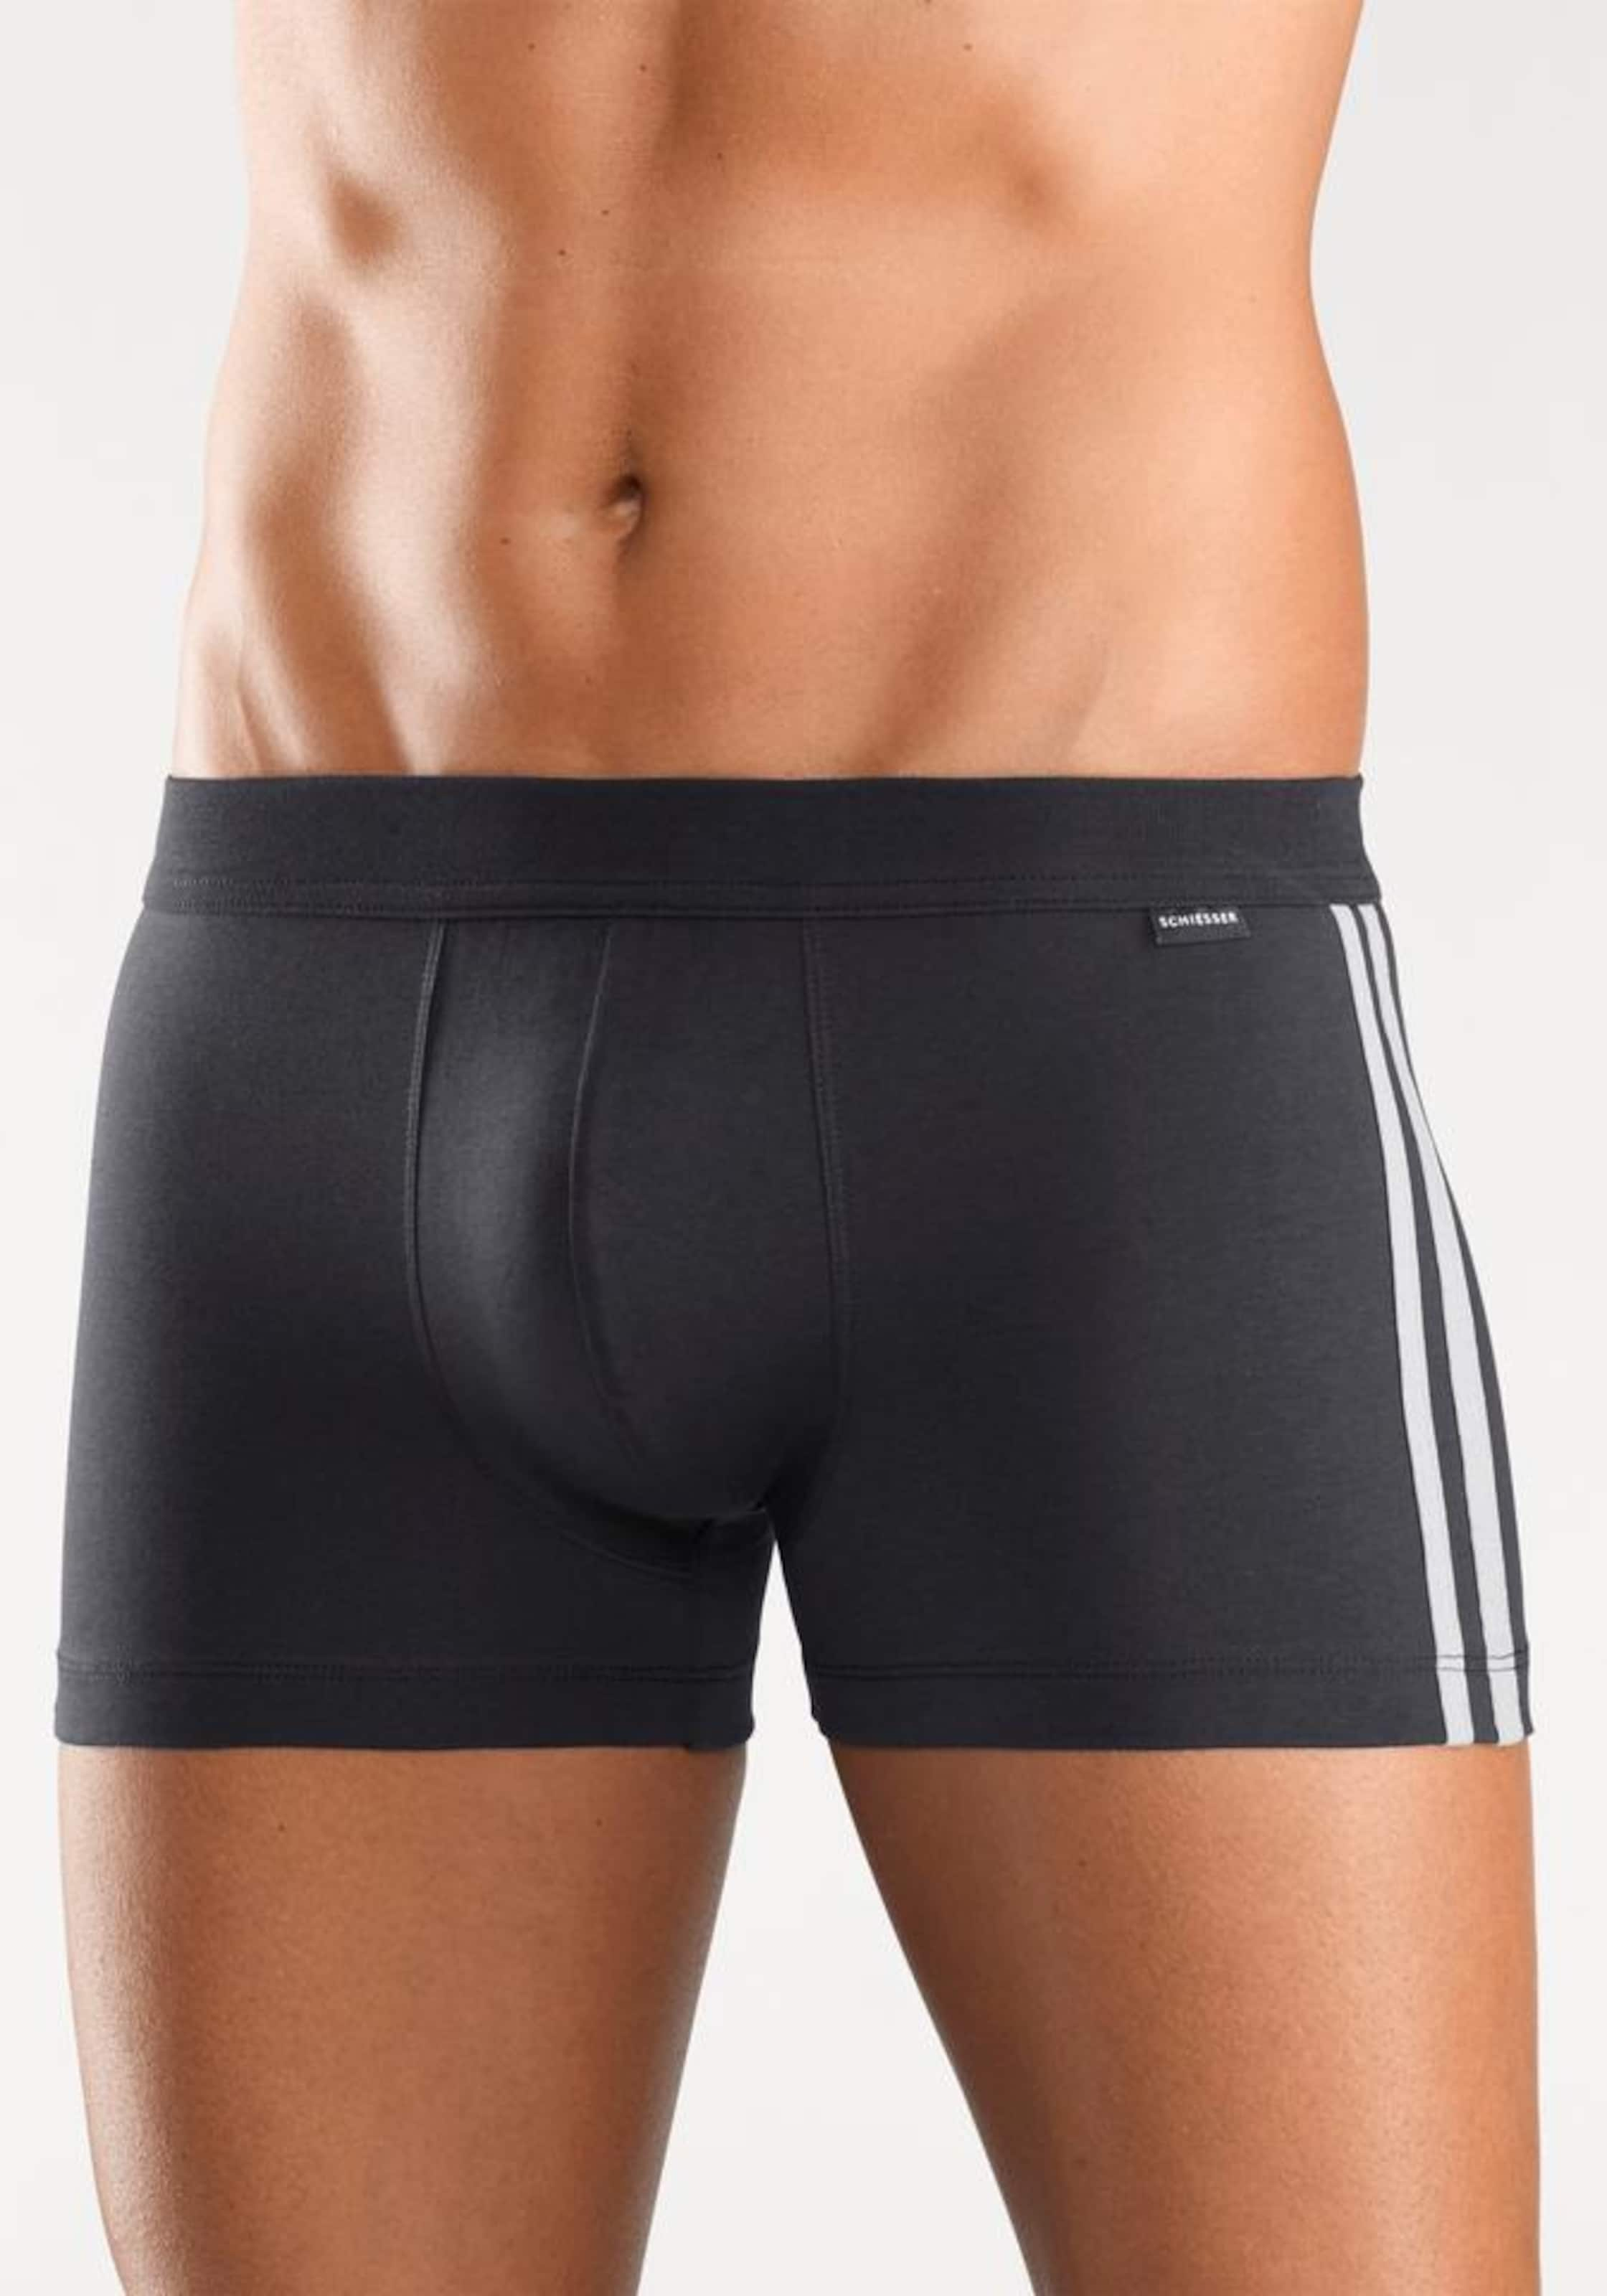 Billig Verkauf Neuesten Kollektionen SCHIESSER Boxer Shorts (2 Stück) Verkauf Rabatt 50z521I5tF